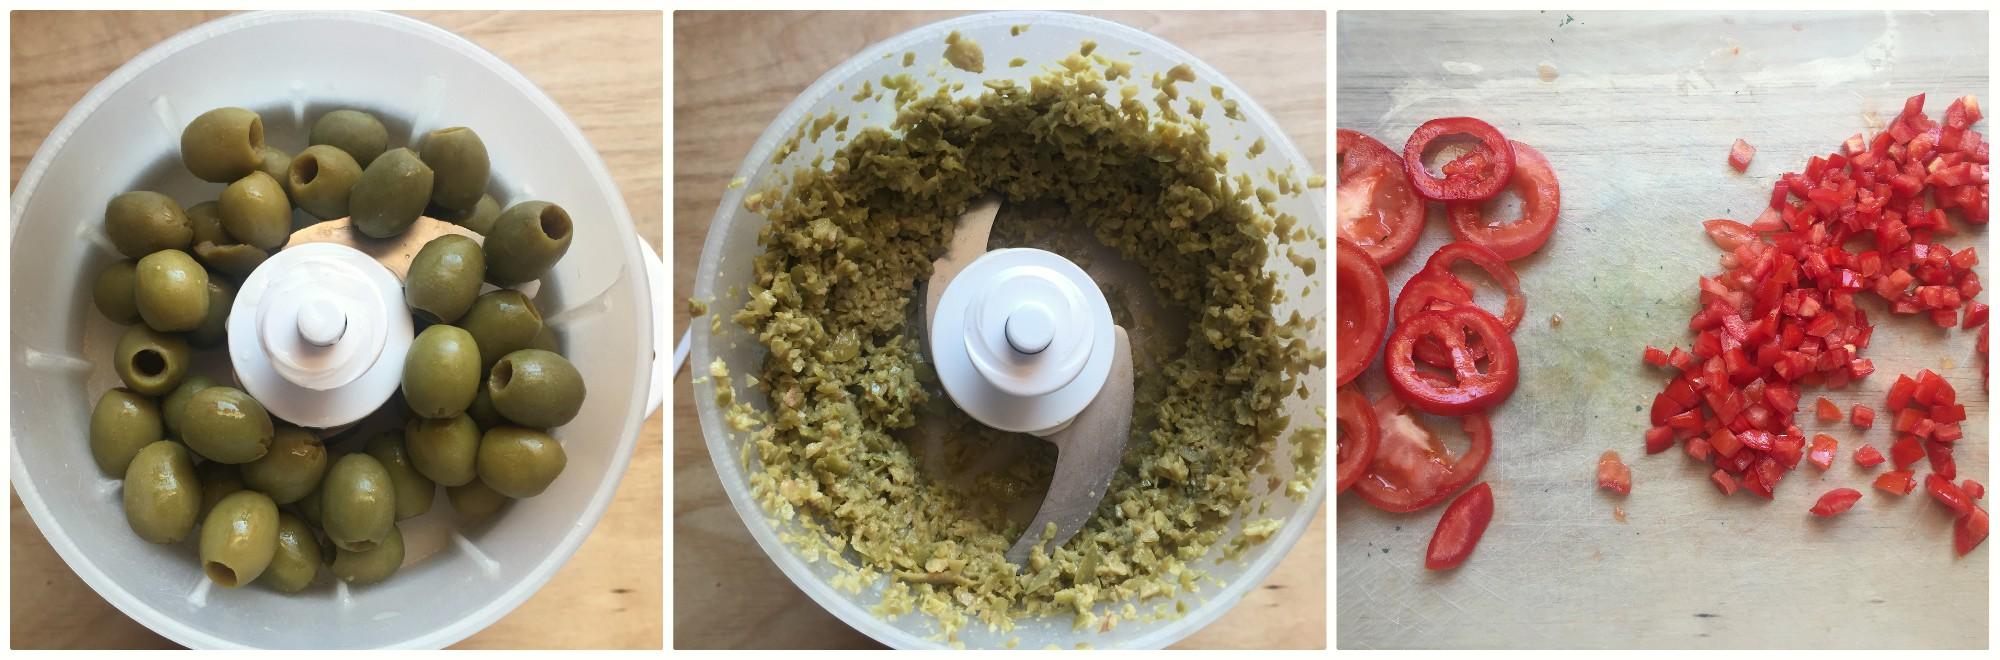 ravioli con salsa alle olive - procedimento 1